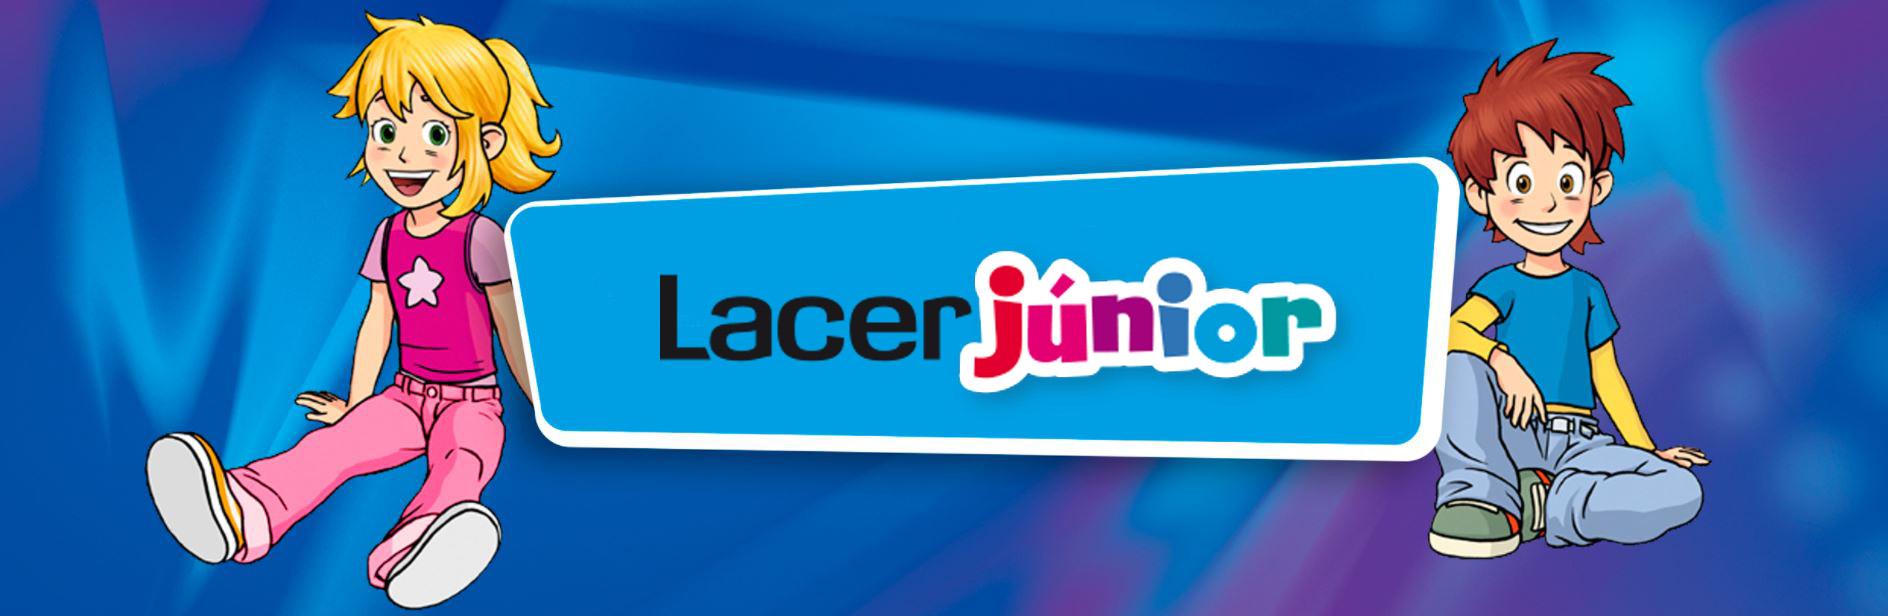 LACER Junior